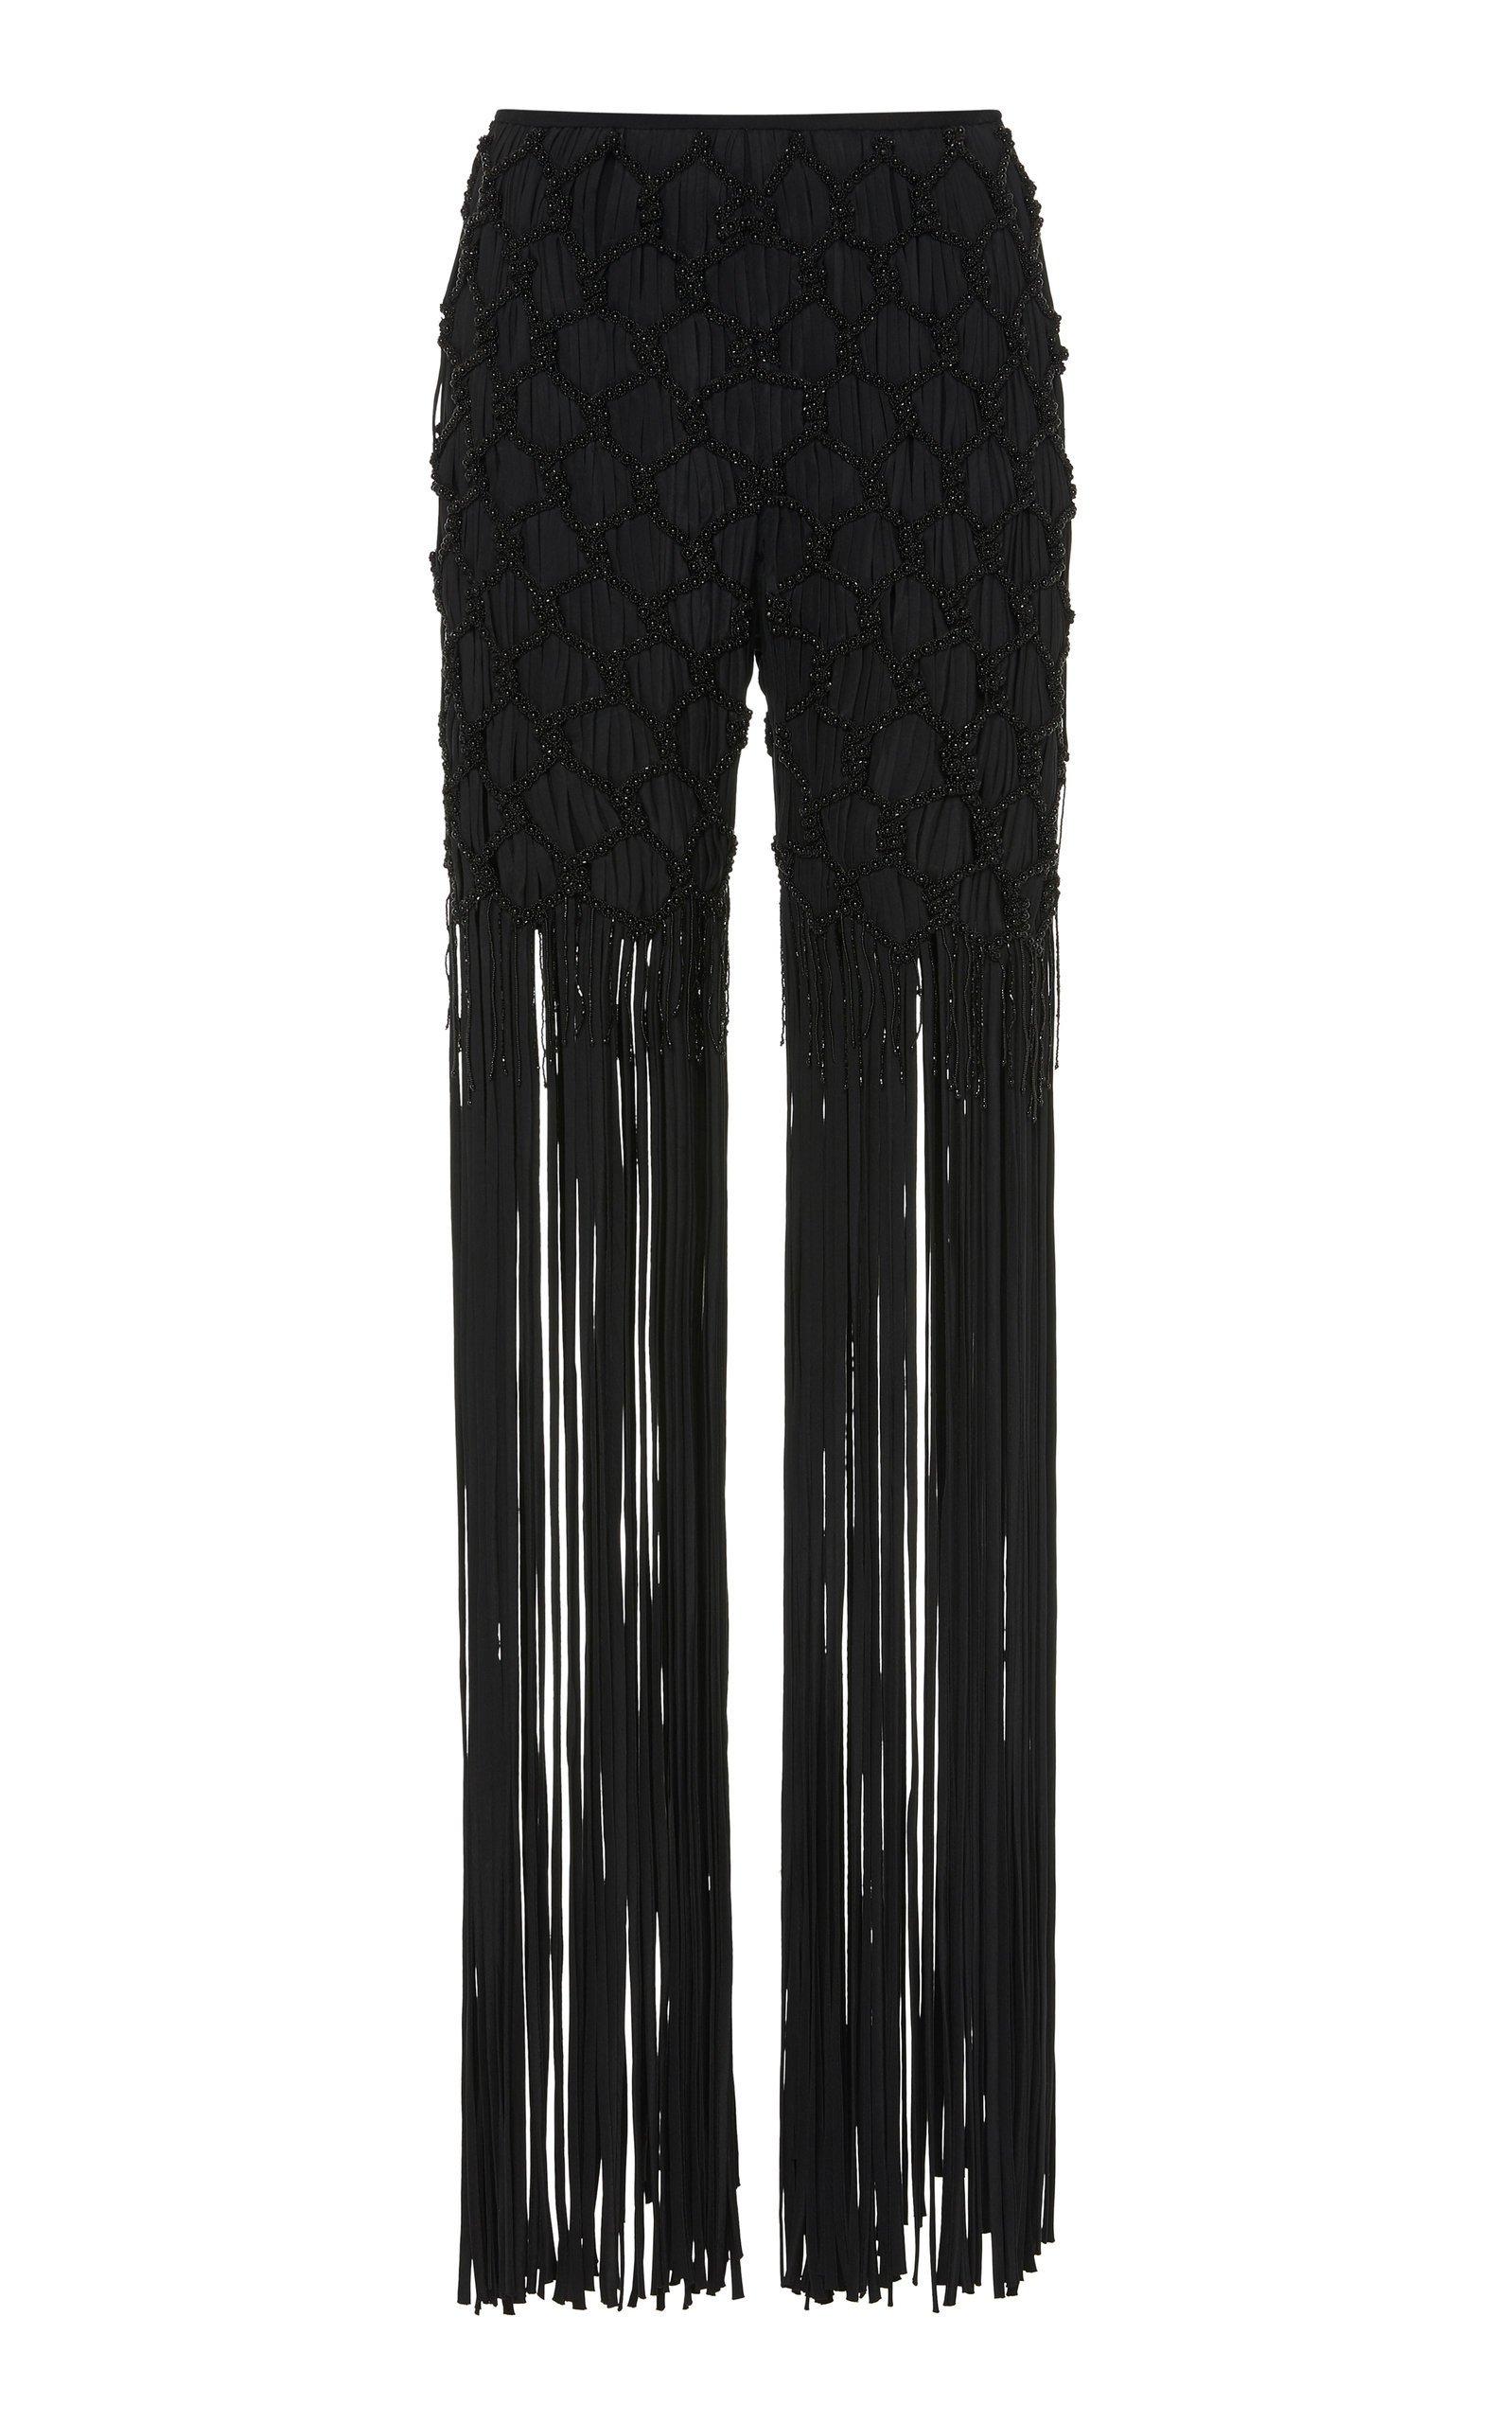 SemSem Embroidered Fringe-Accented Pants